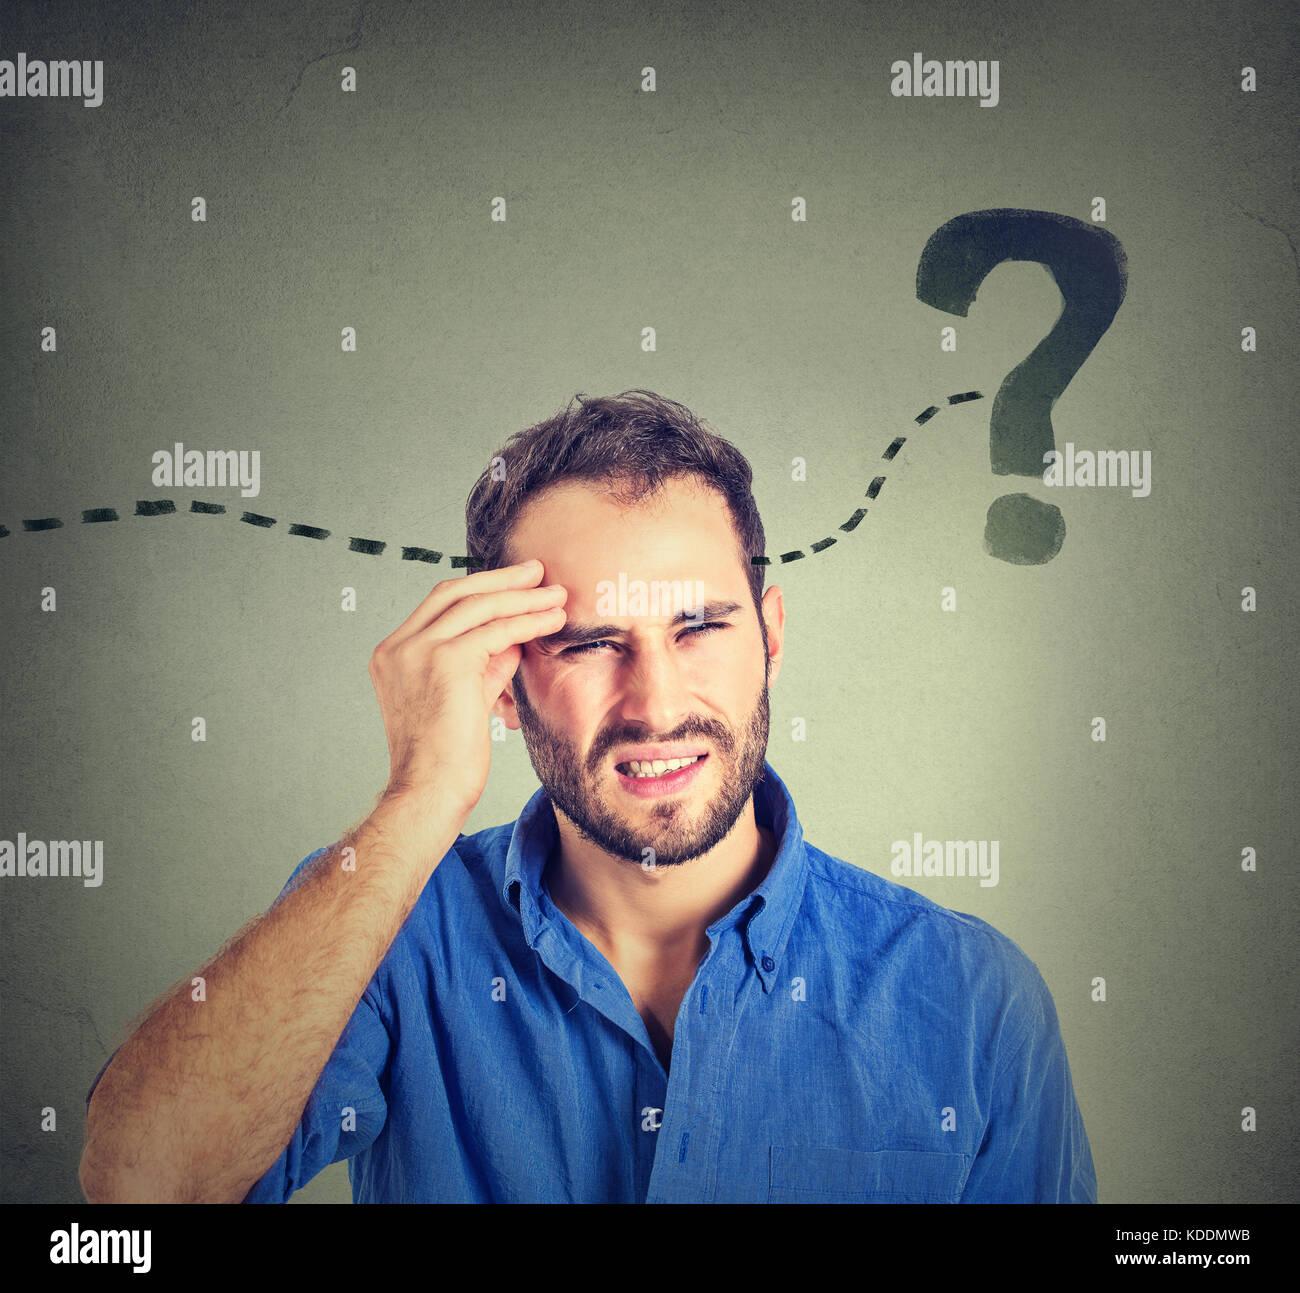 La pensée de l'homme à la recherche d'une solution Photo Stock